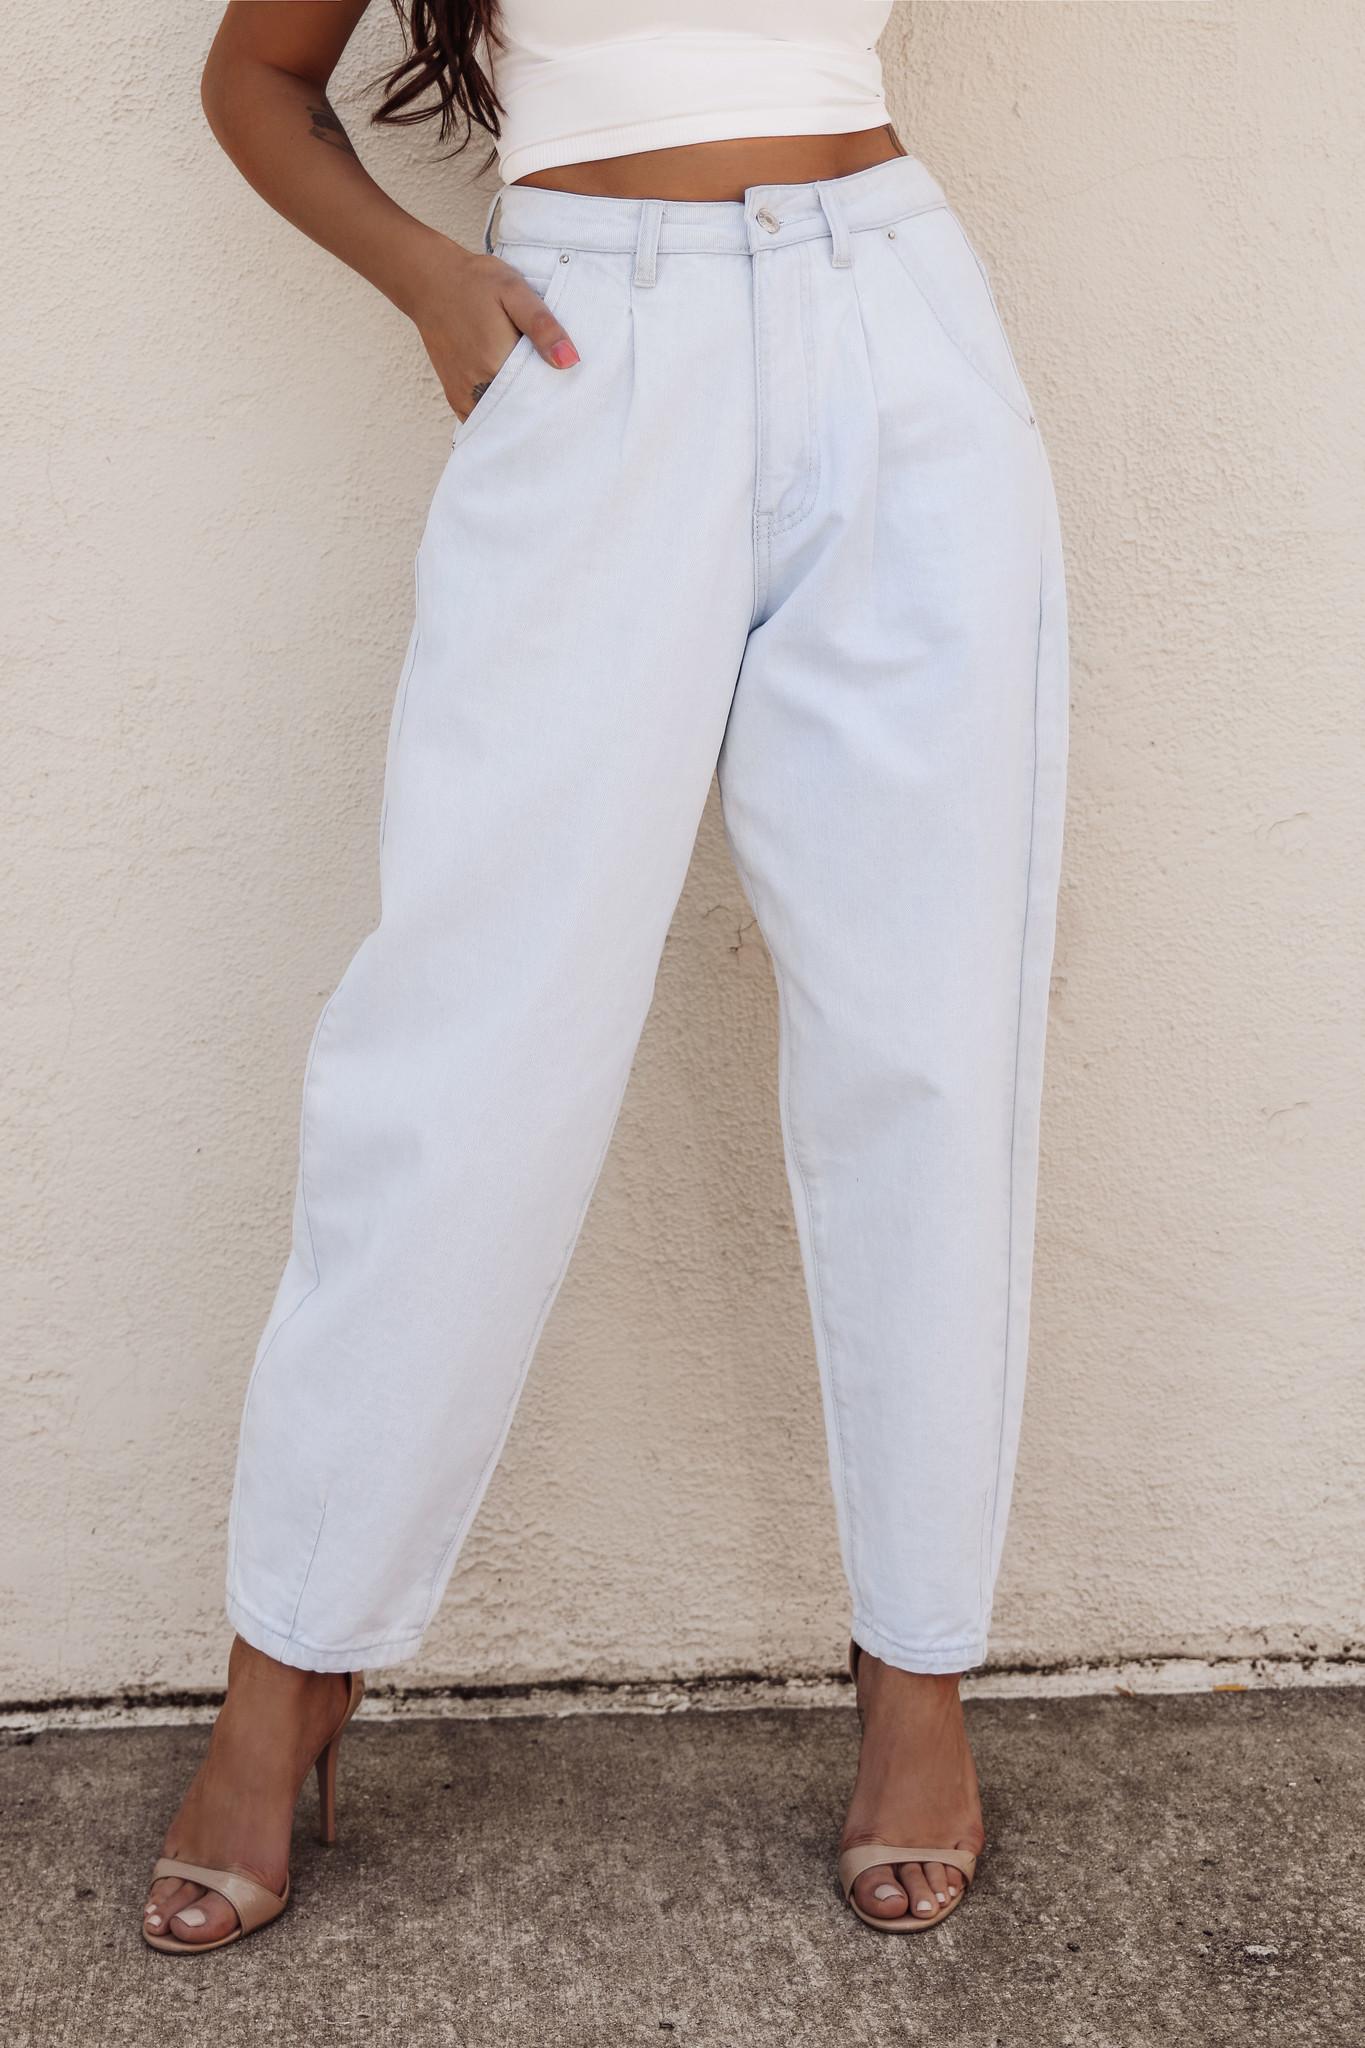 LEXI DREW 8830 90's Jeans